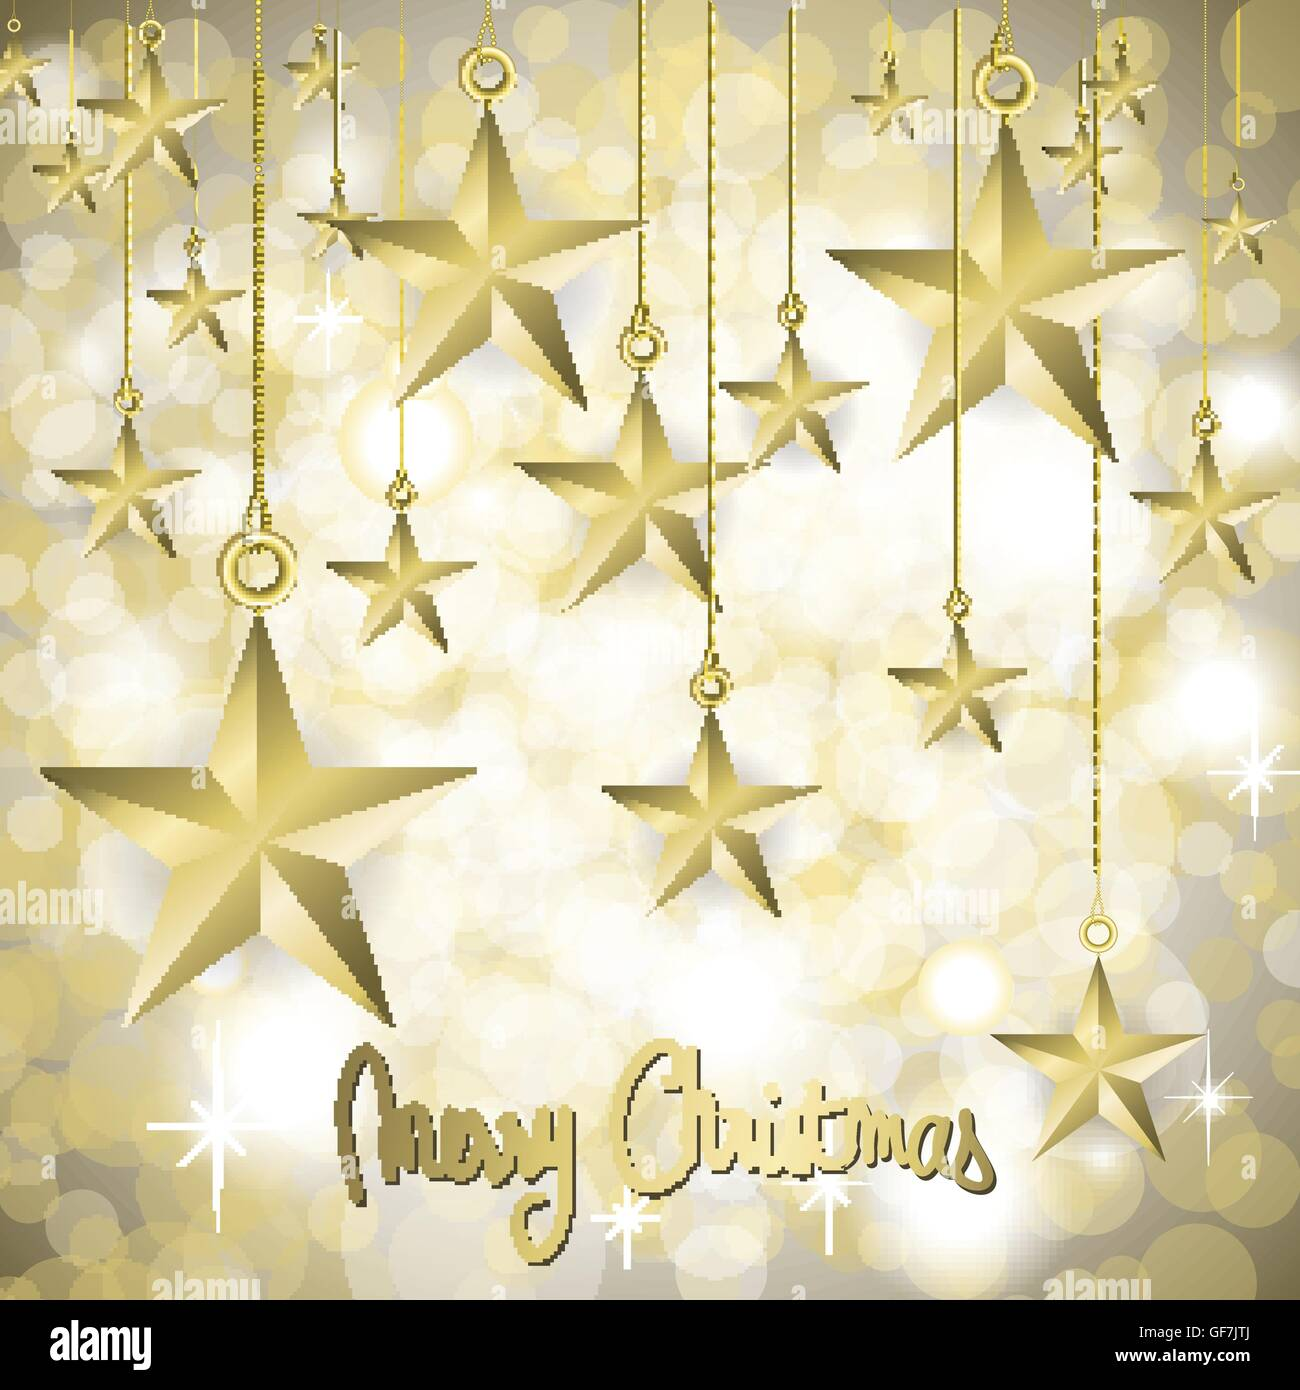 Navidad Tarjeta Estrellado Con Bonitas Estrellas Doradas Ilustración